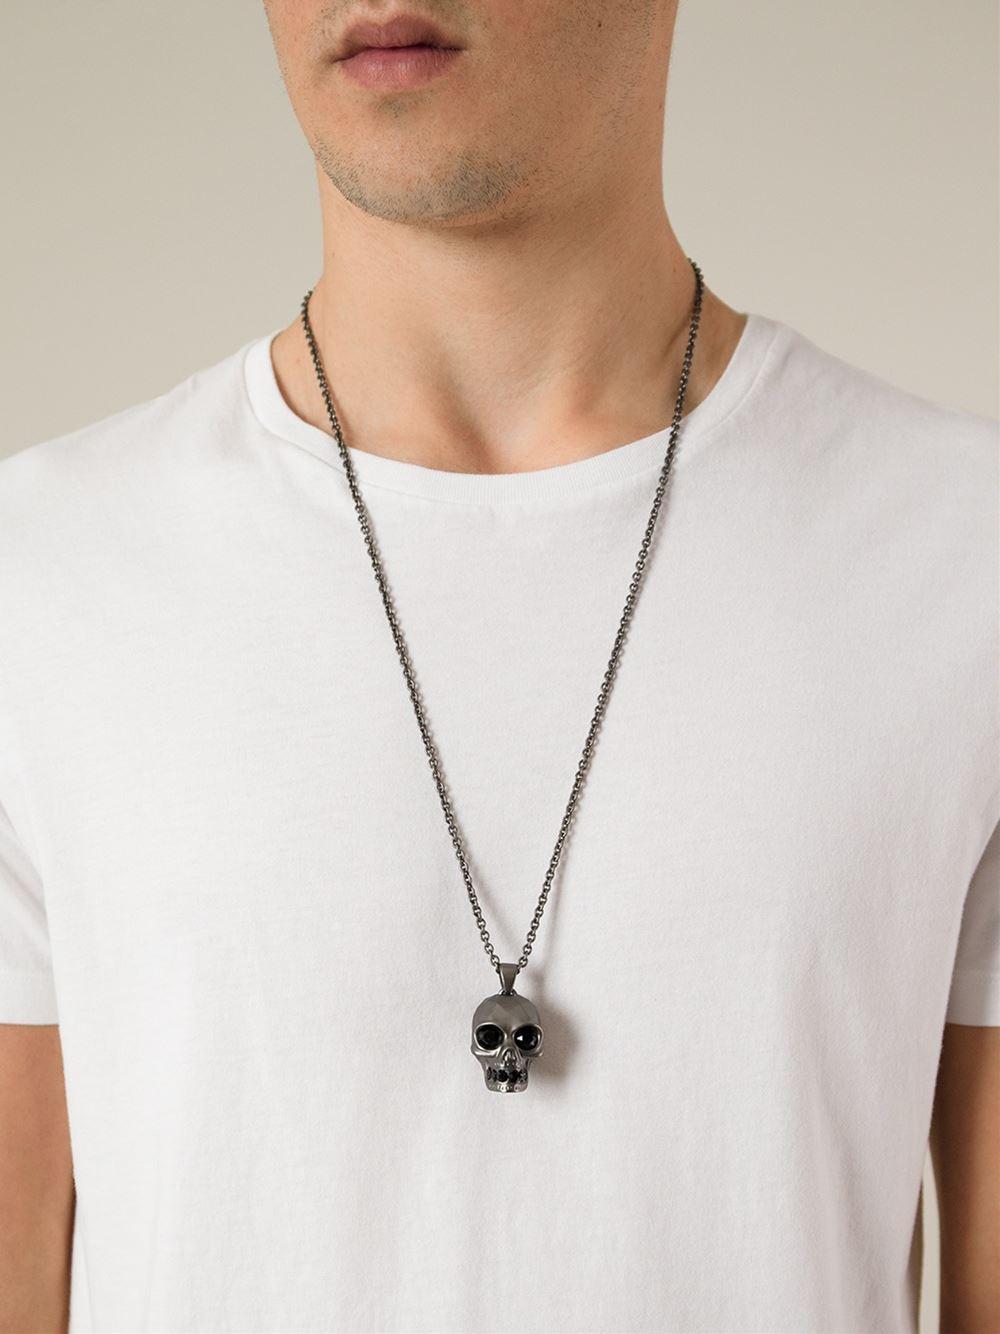 82ed96a481a62 Alexander McQueen Metallic Skull Pendant Necklace for men